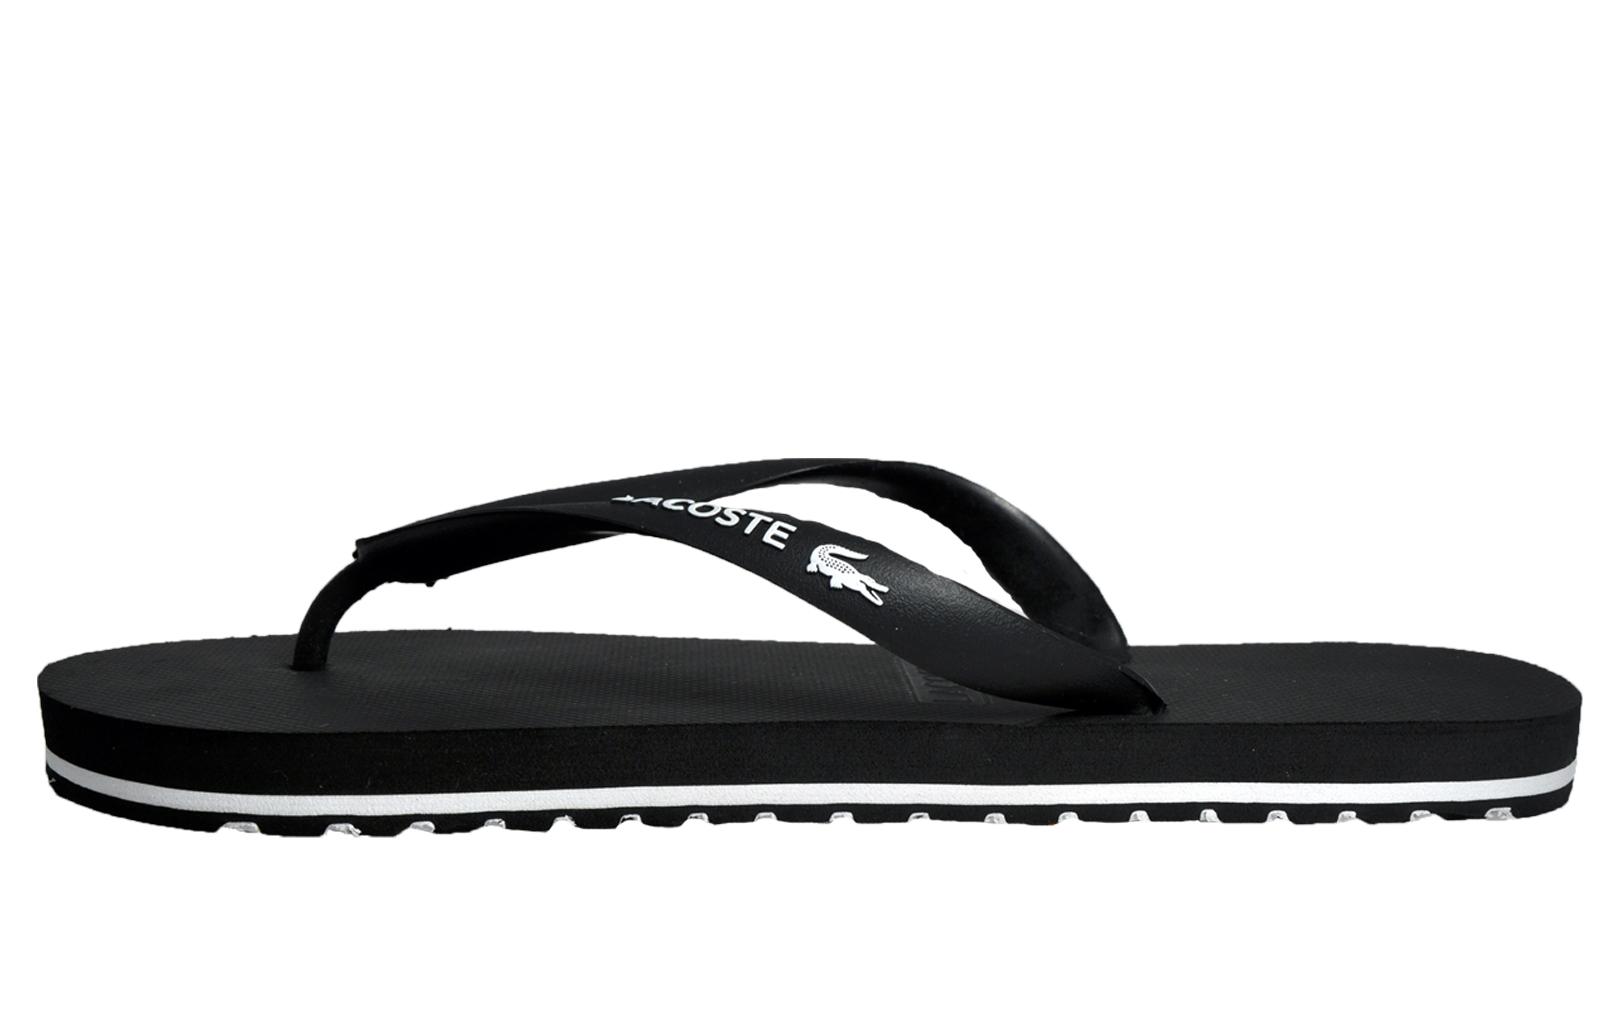 f2ce3aff57bece Lacoste Nosara Mens Designer Flip Flop Summer Holiday Sandals Black